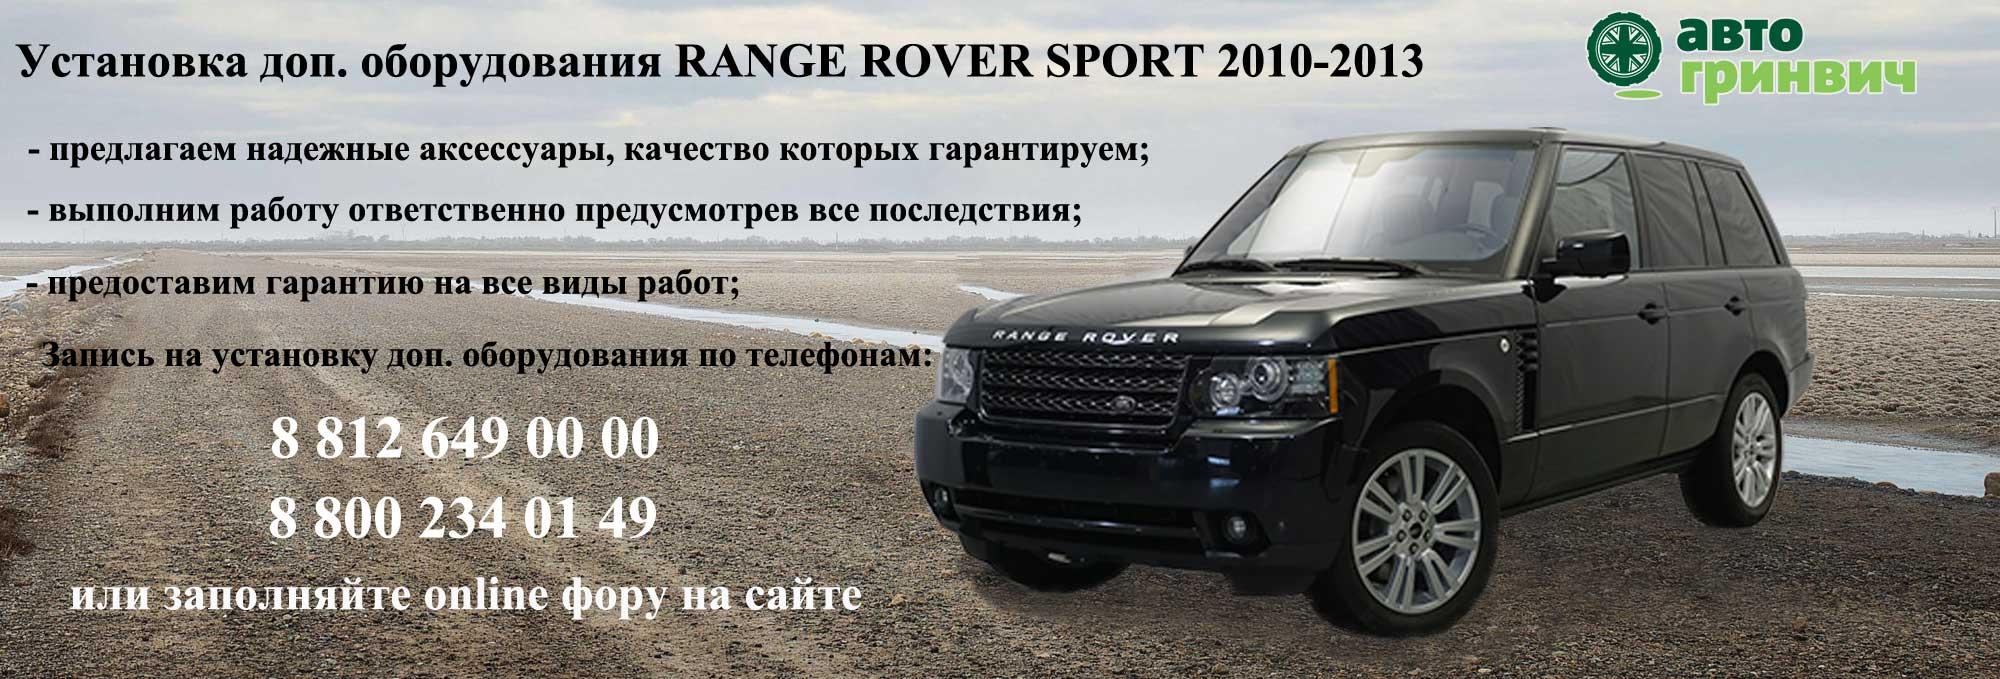 Установка дополнительного оборудования Range Rover Sport 2010-2013